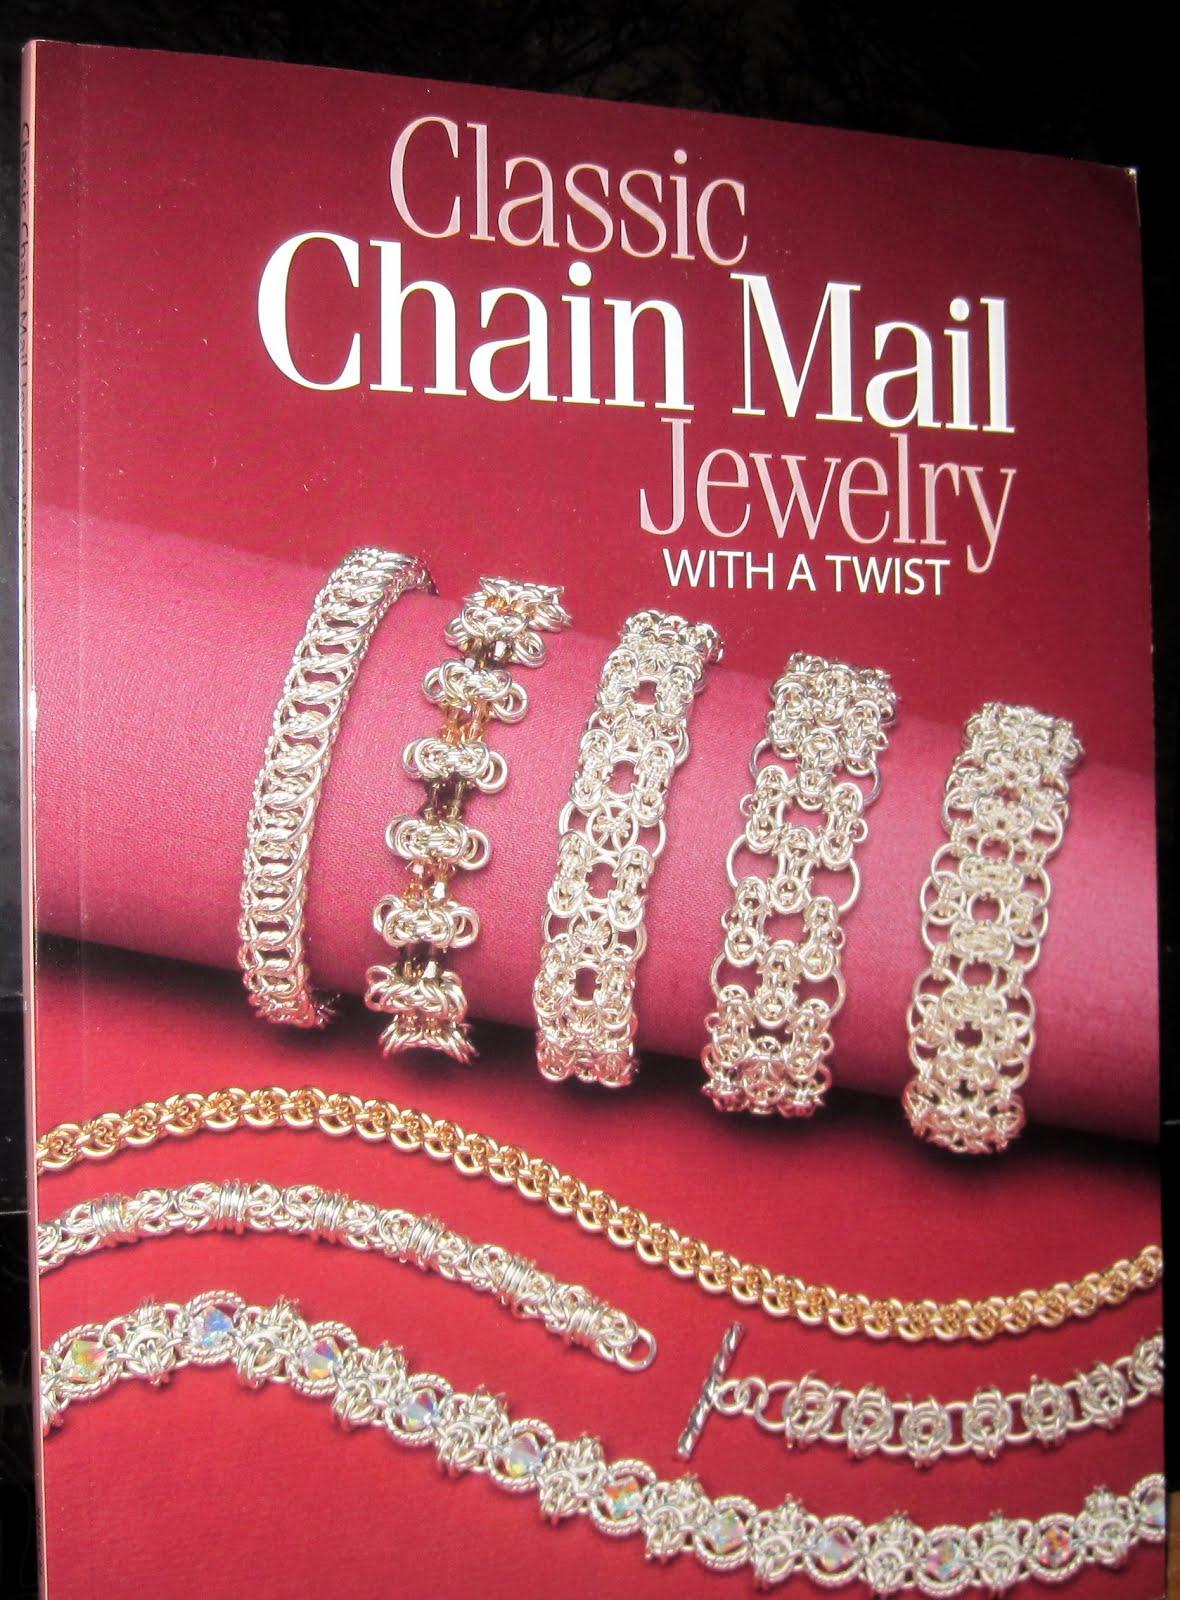 fiddledeedee jewelry classic chain mail jewelry with a